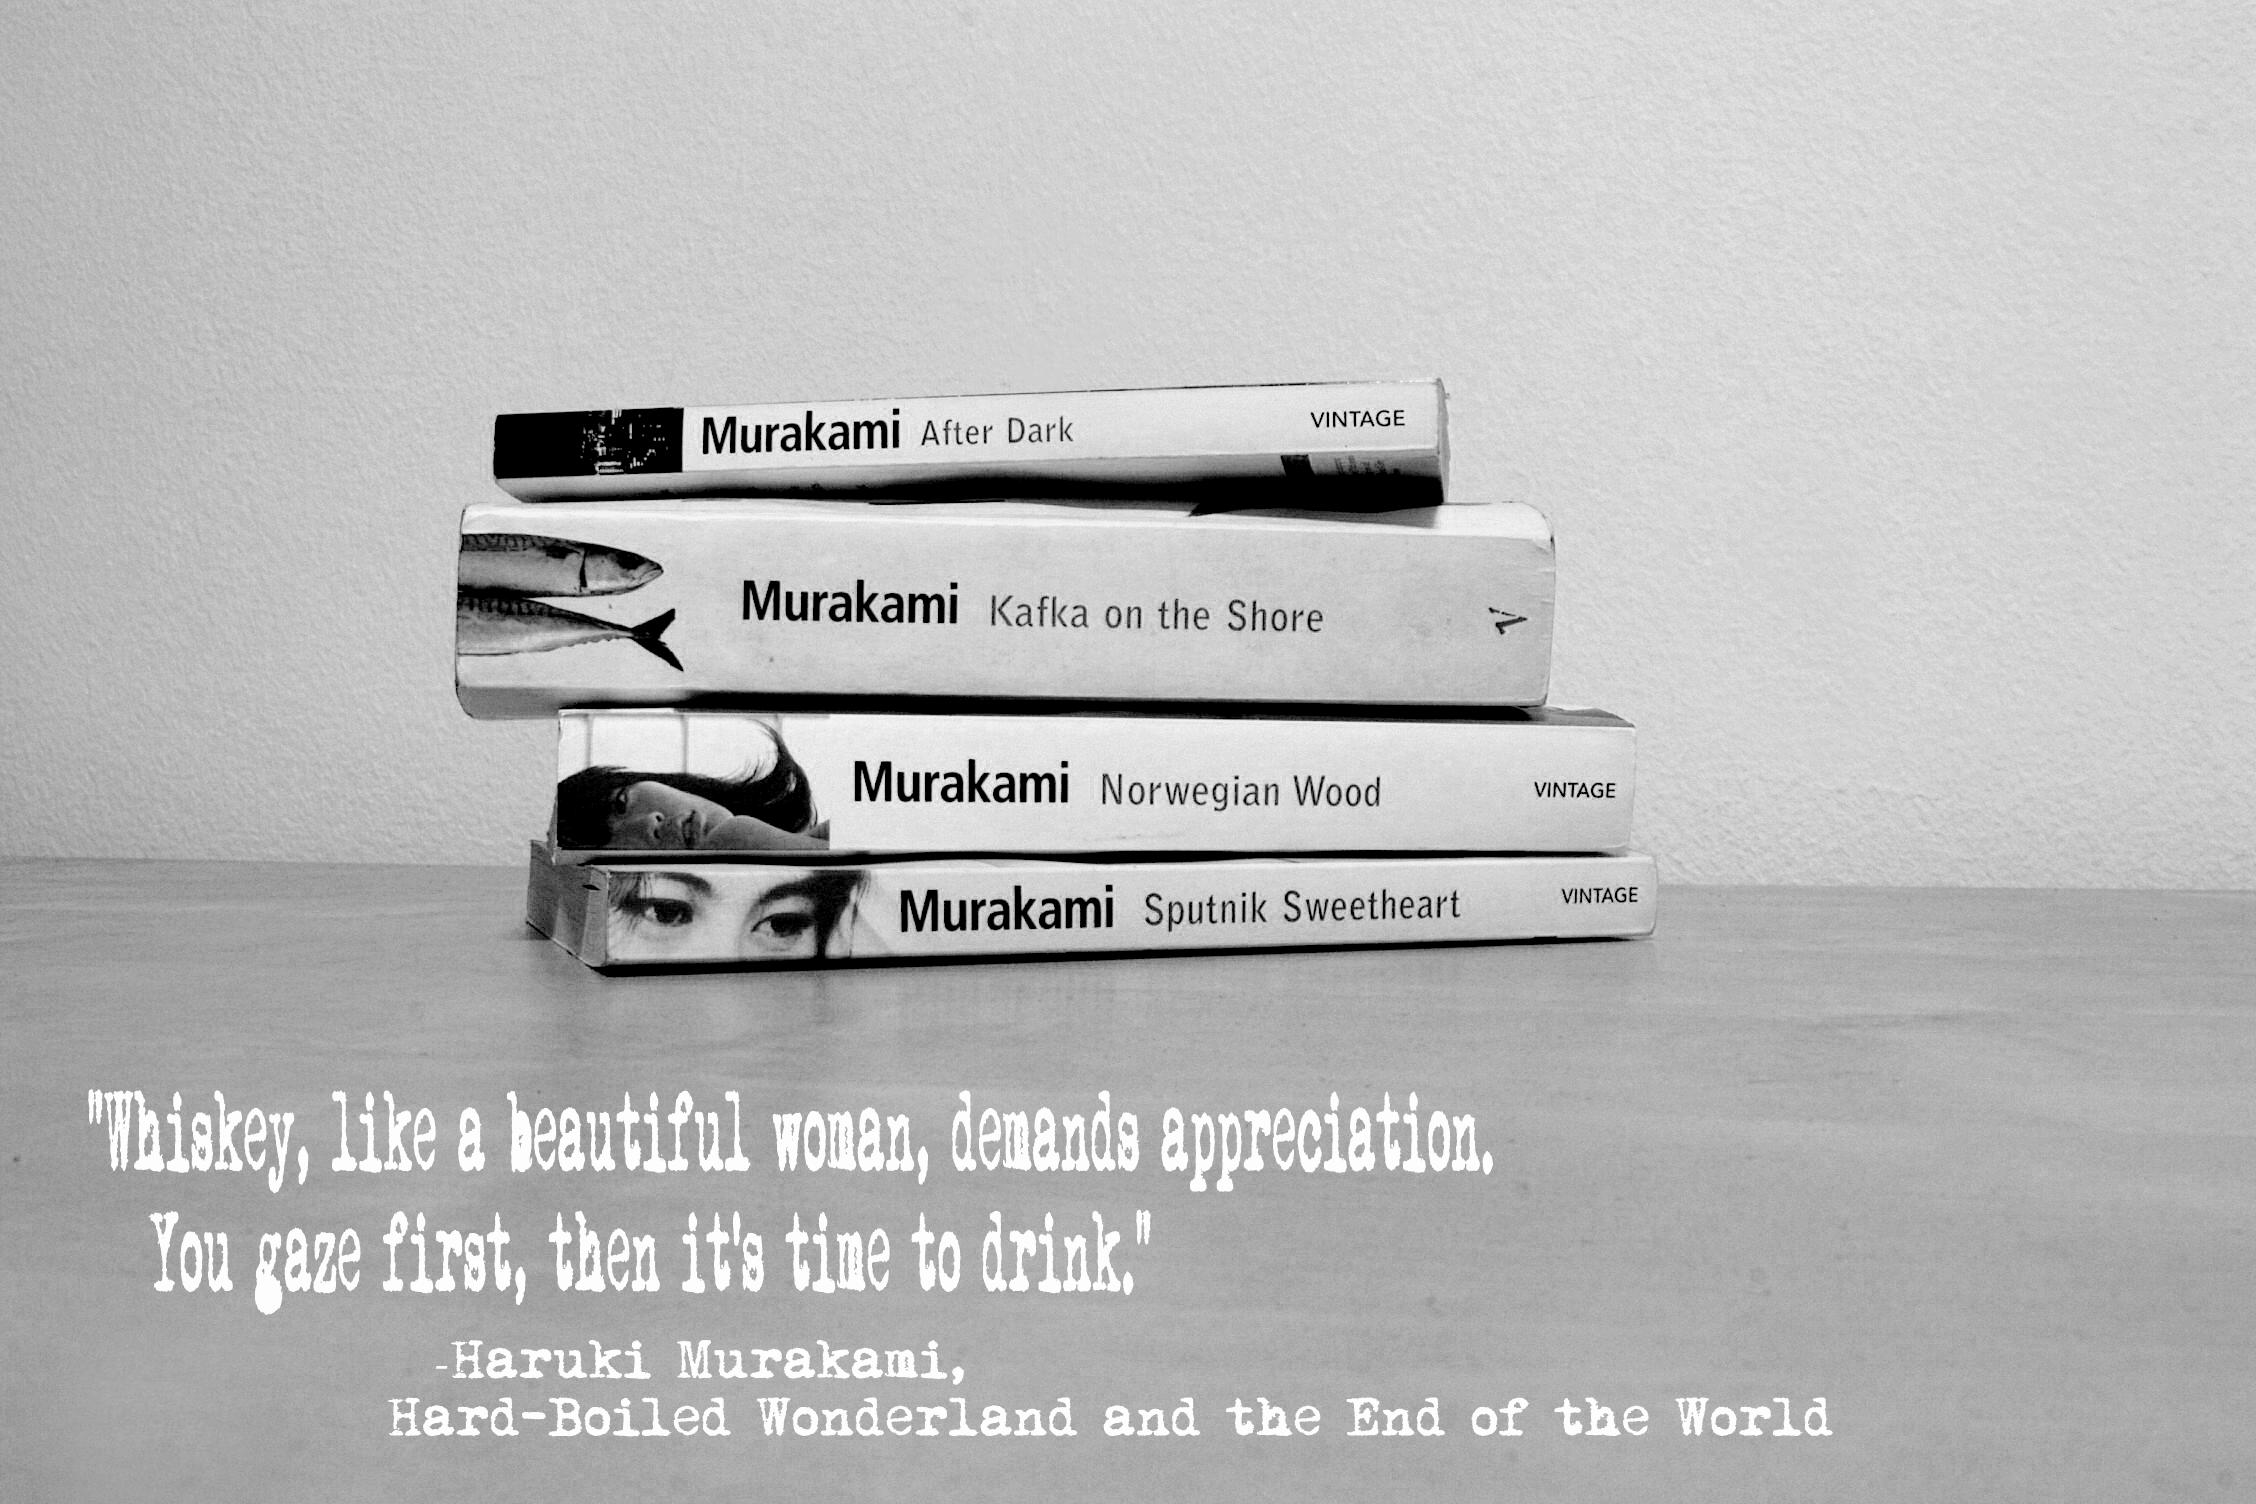 Haruki Murakami's quote #6